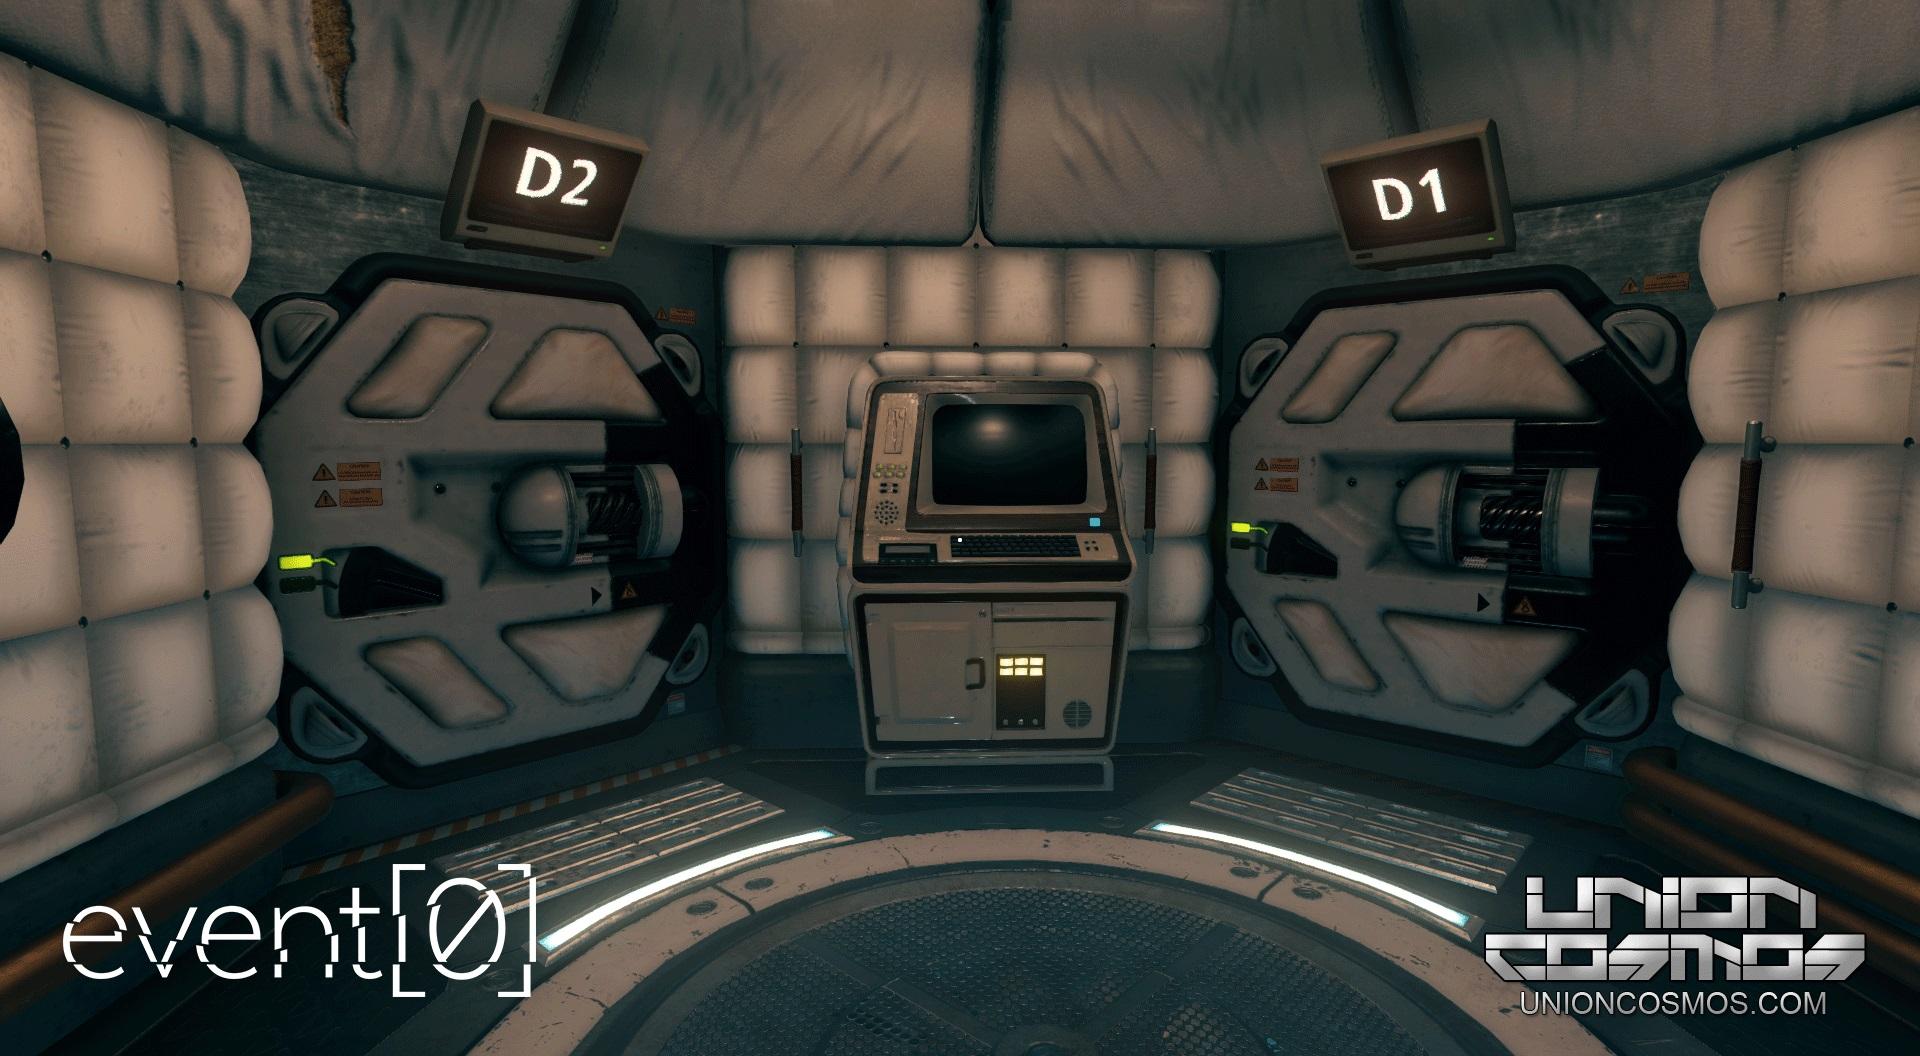 union-cosmos-event0_screenshot_1